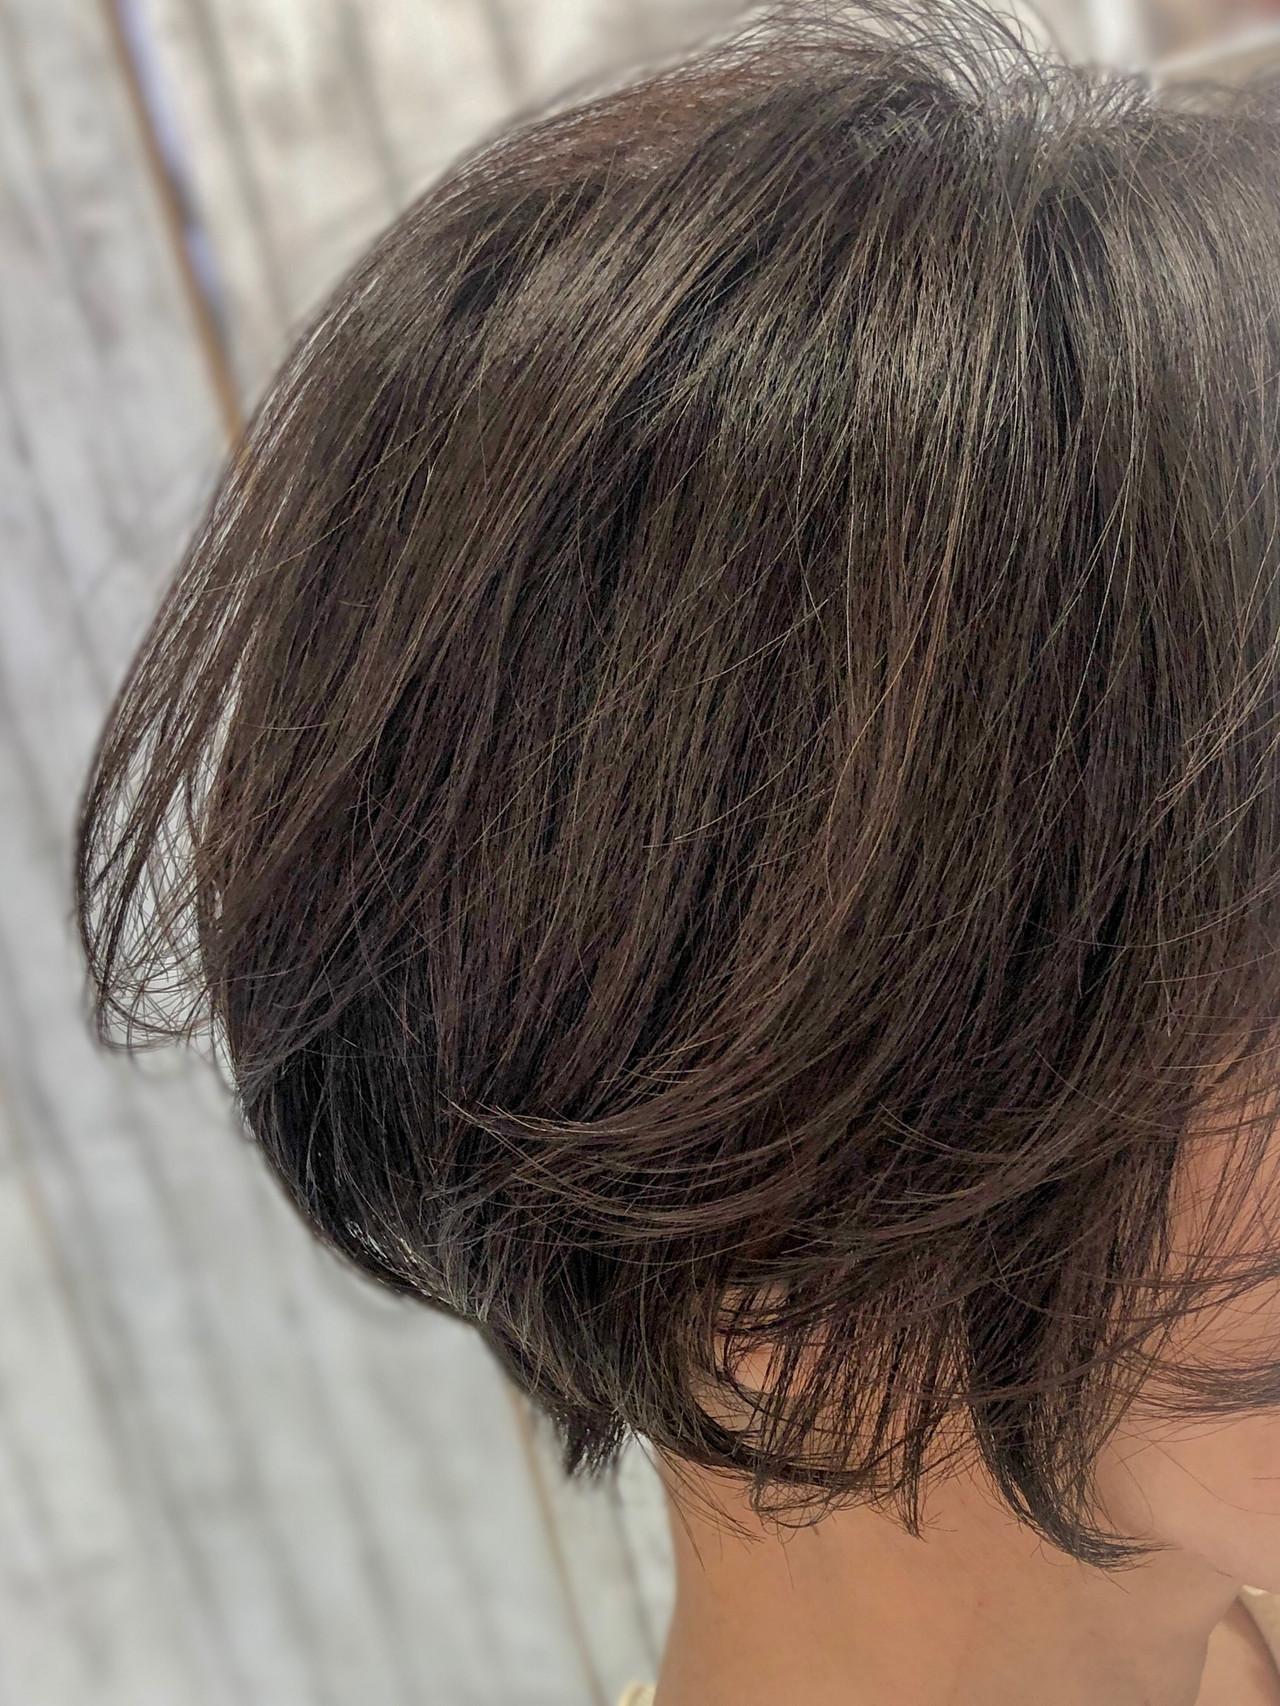 フェミニン ショートボブ マッシュショート ショート ヘアスタイルや髪型の写真・画像 | 北川友理 / unsung